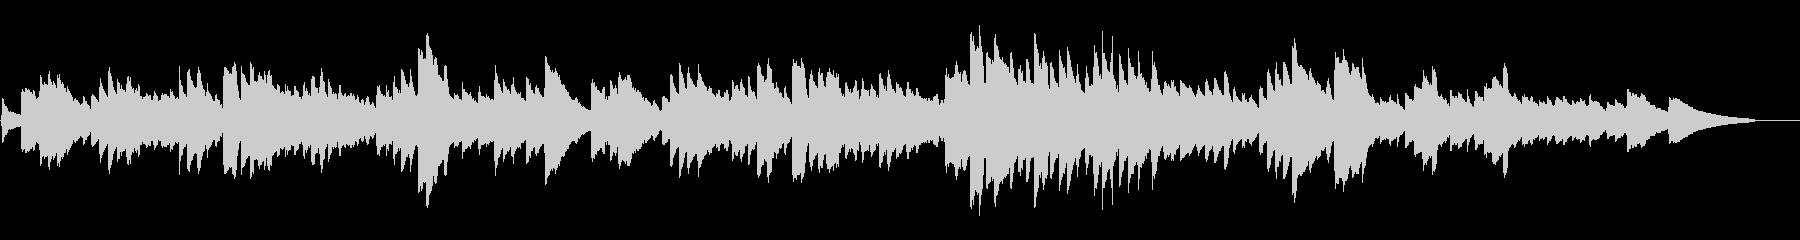 ショパン「別れの曲」オルゴール風の未再生の波形